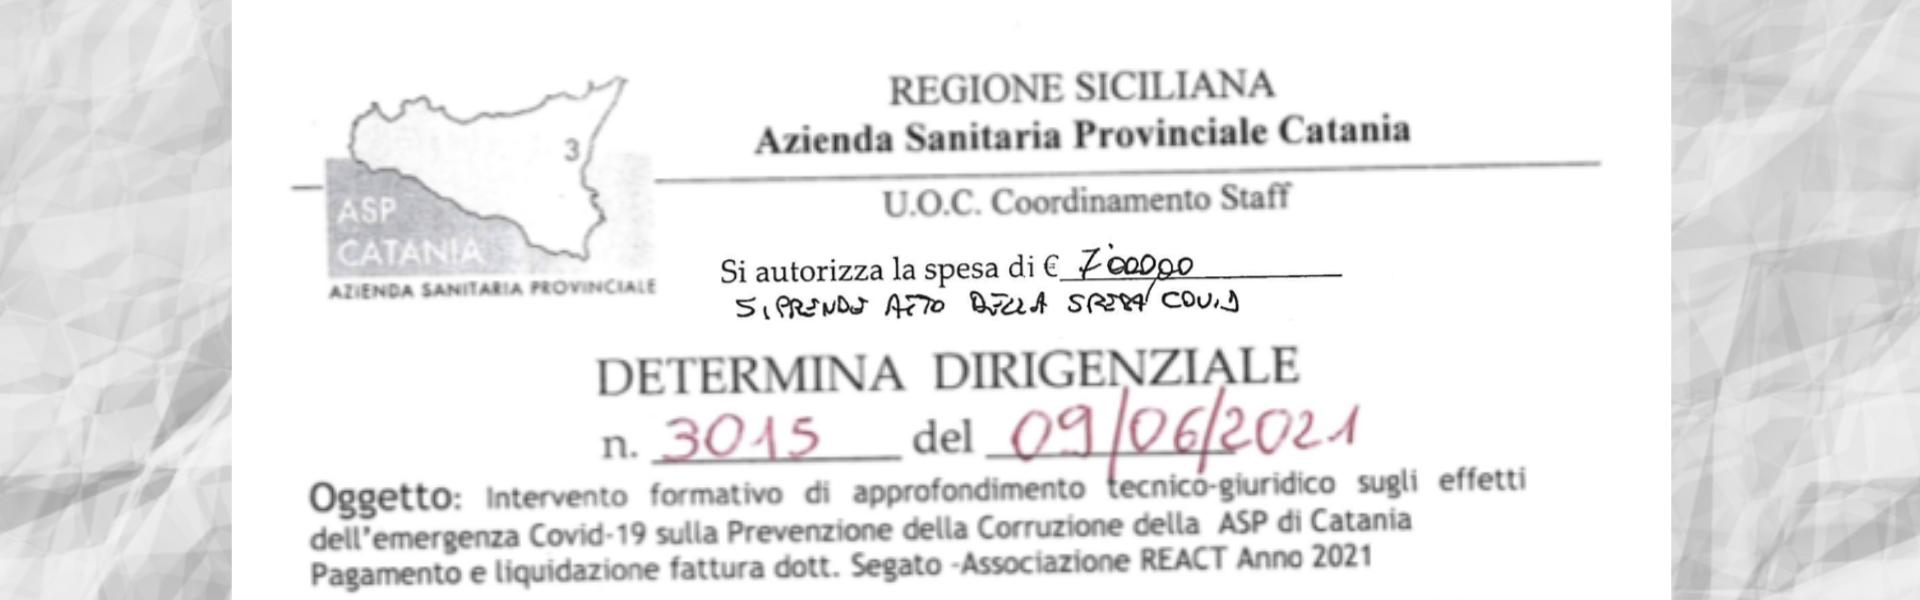 ASP Catania e i frigoriferi comprati...al doppio